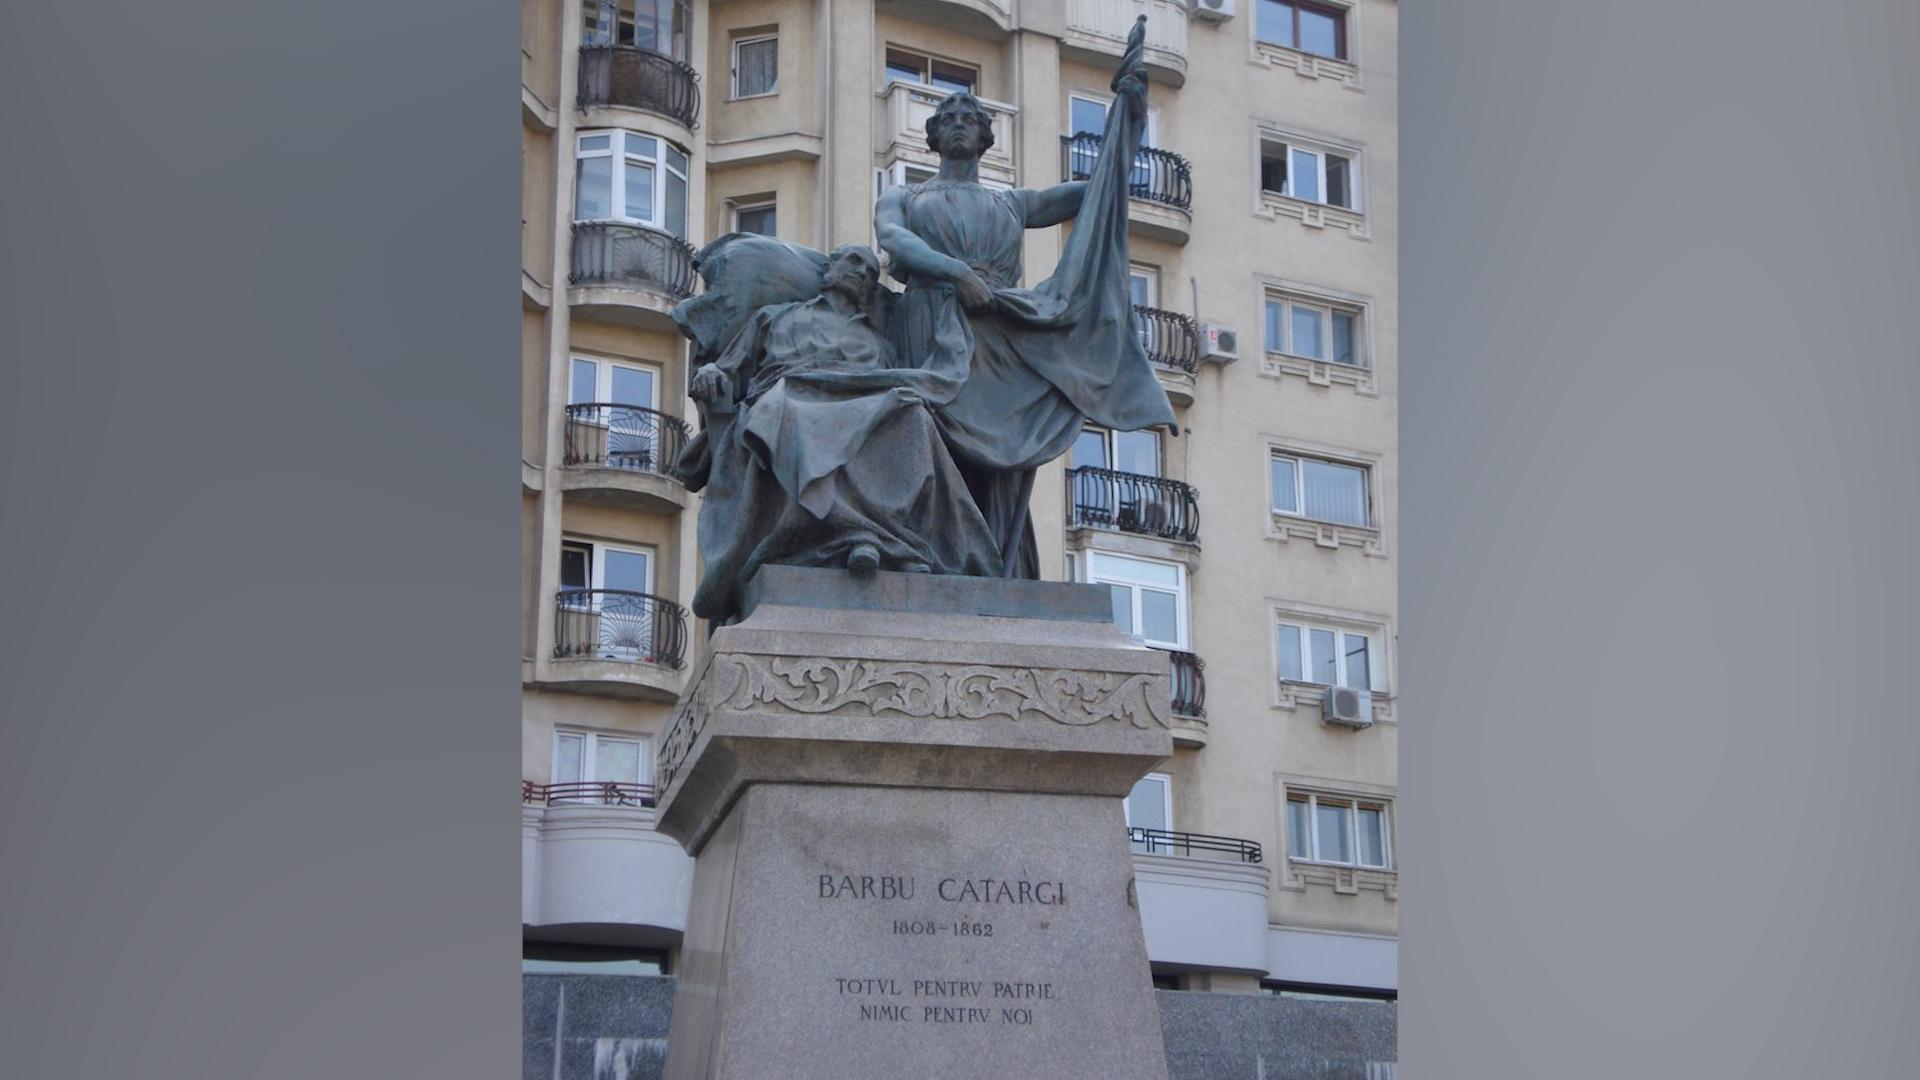 În Piața Unirii a fost ridicat un grup statuar în amintirea asasinării lui Barbu Catargiu